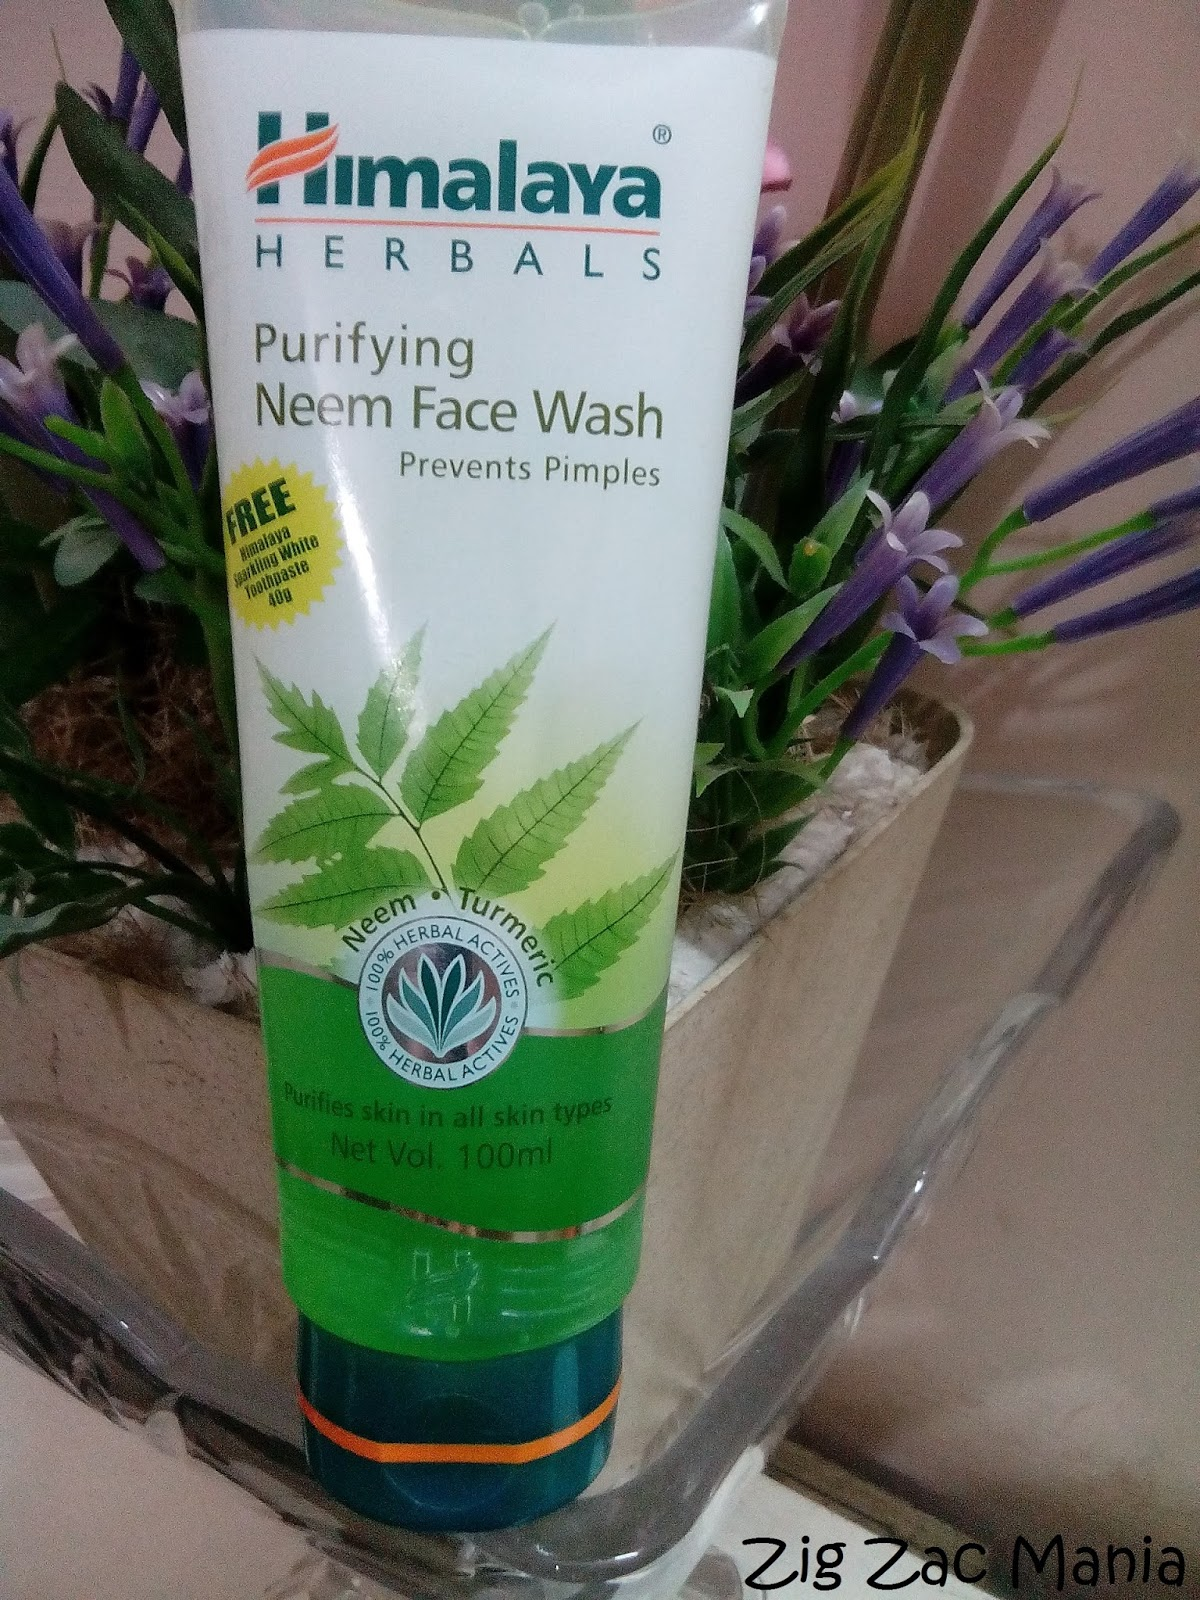 Himalaya Herbals Purifying Neem Face Wash Review - Zig Zac Mania